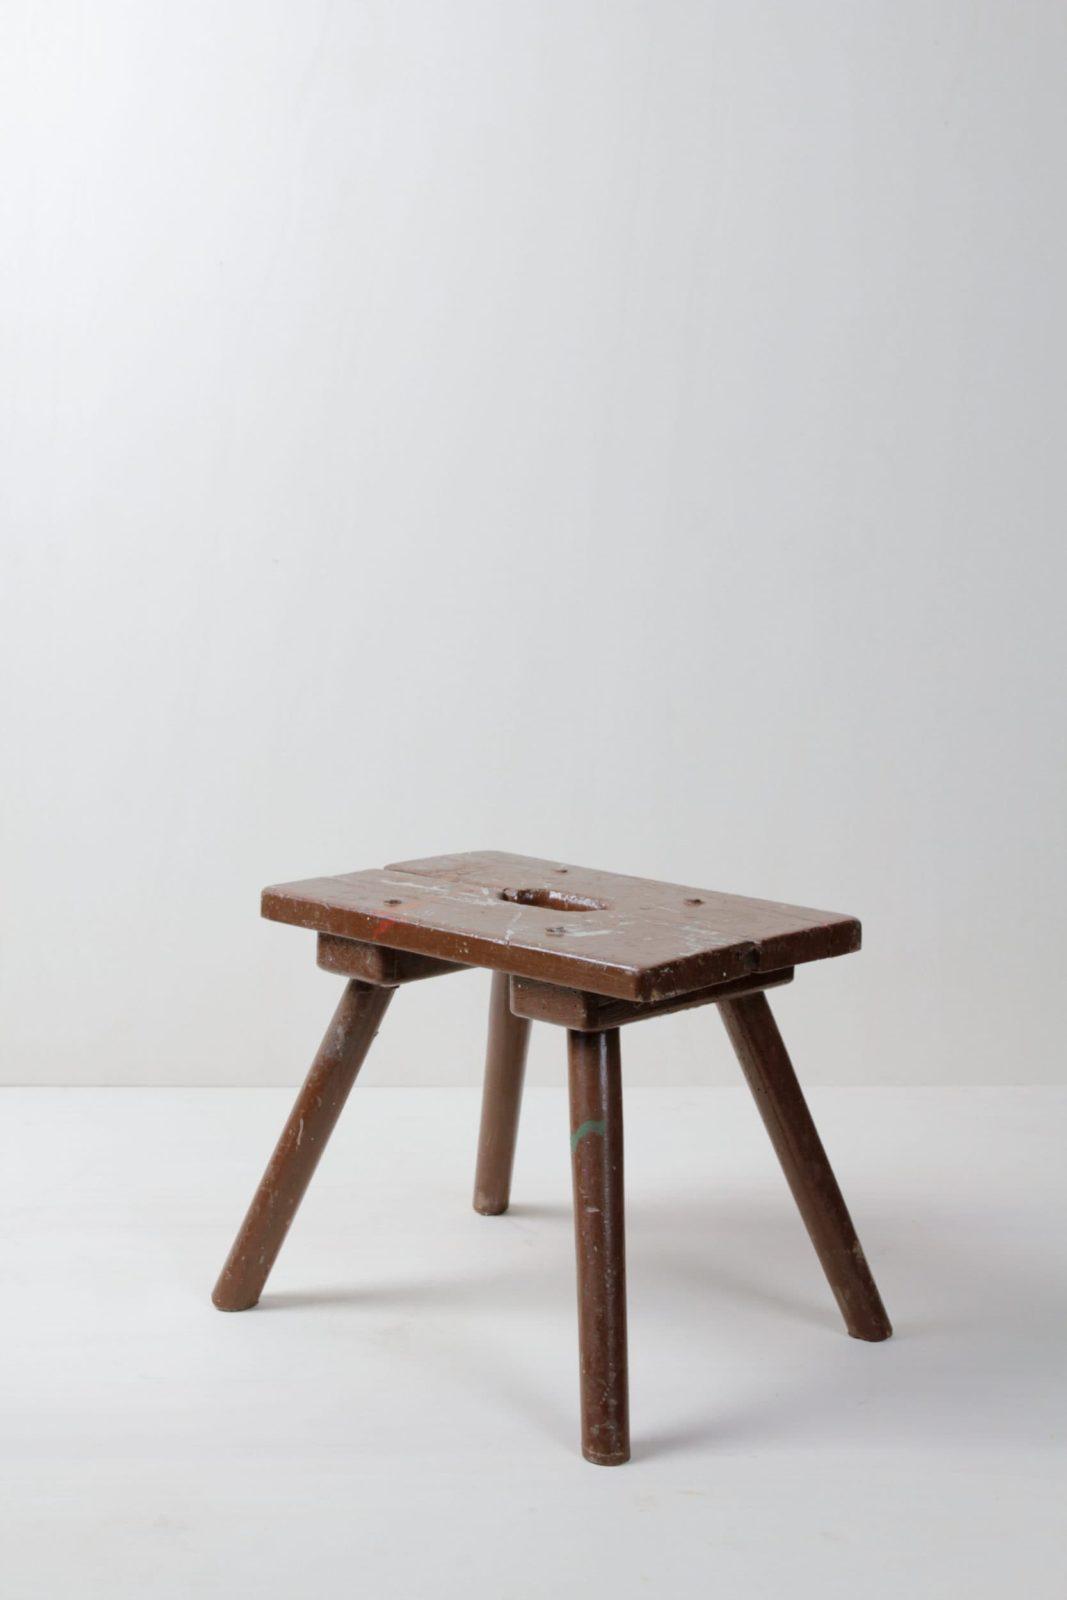 Kleiner Holztritt Jonas | Kleiner Tritt aus Holz. Sehr schön zum Blumen arrangieren oder allgemein zur Dekoration. | gotvintage Rental & Event Design